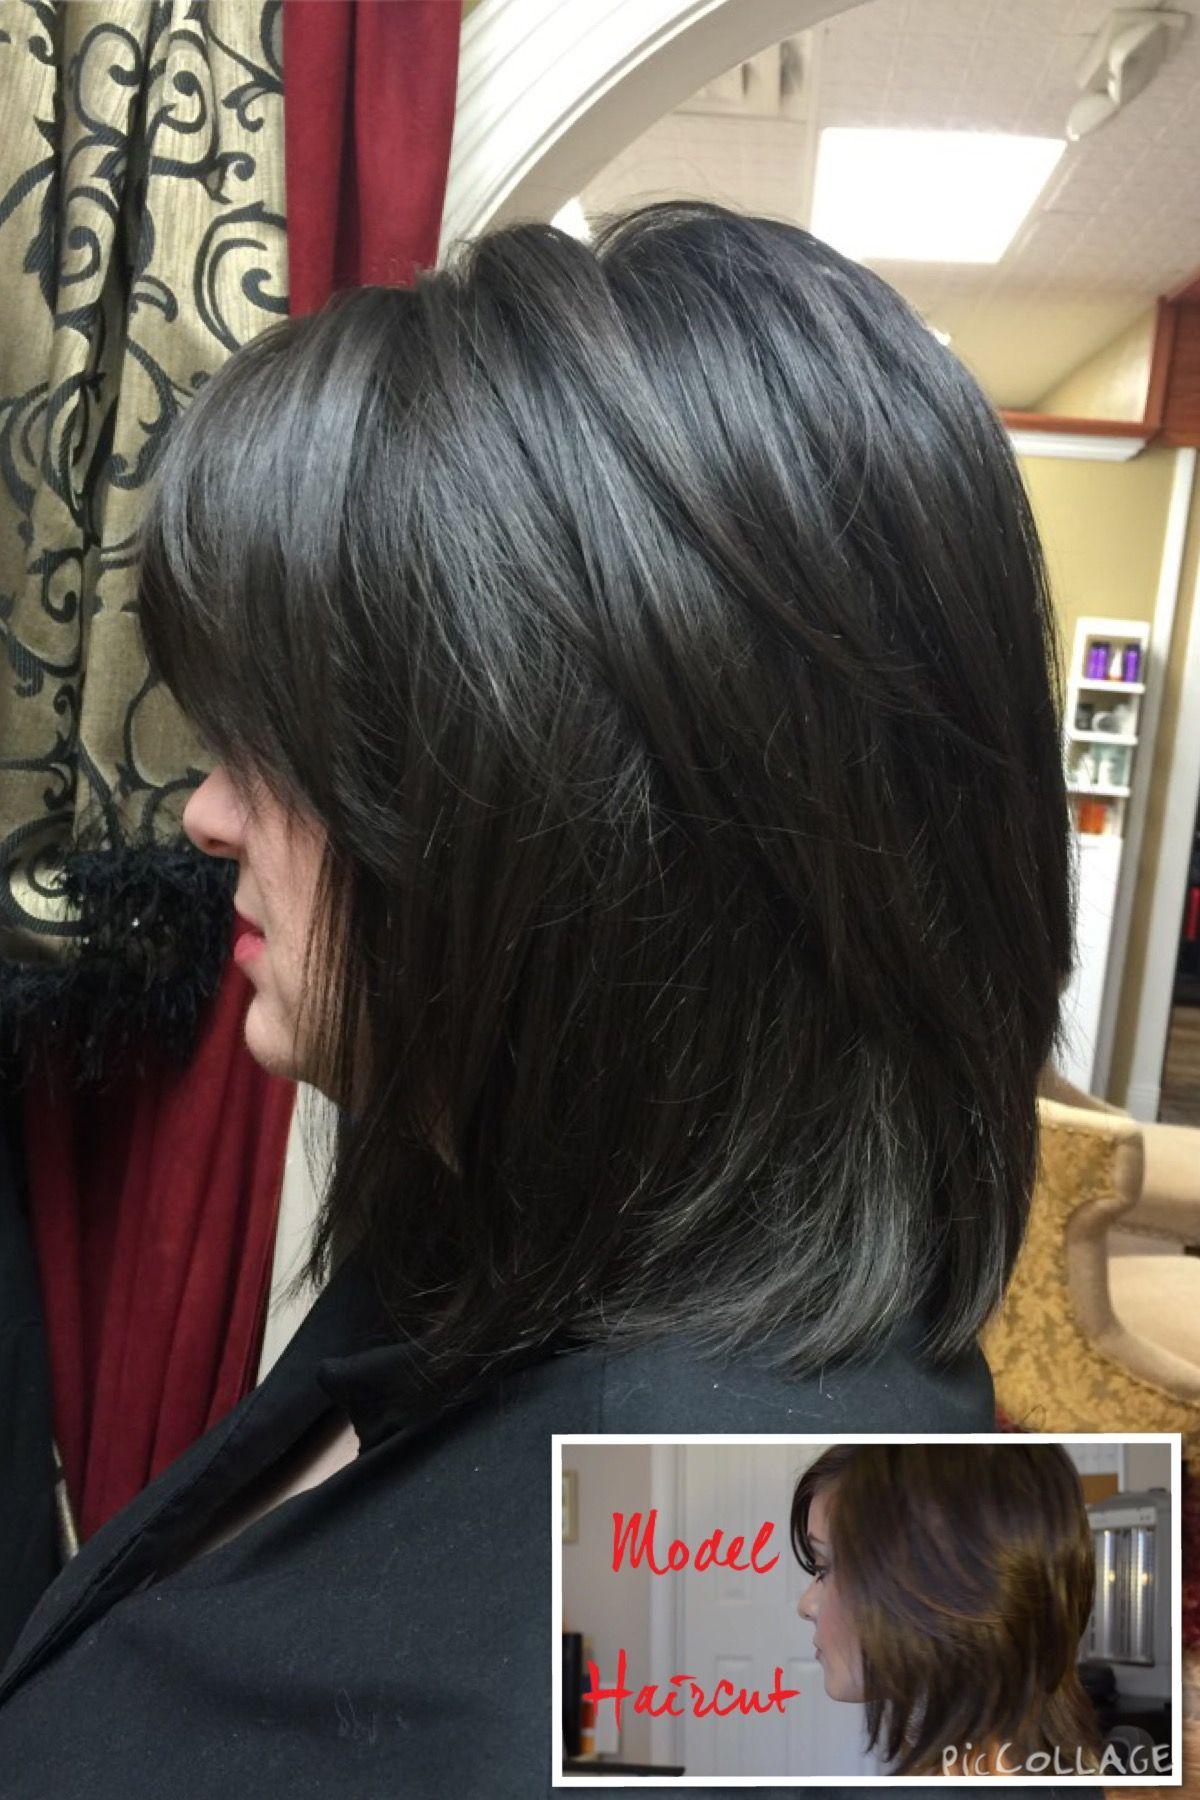 Hair style trends longhair shorthair mediumhair cut color